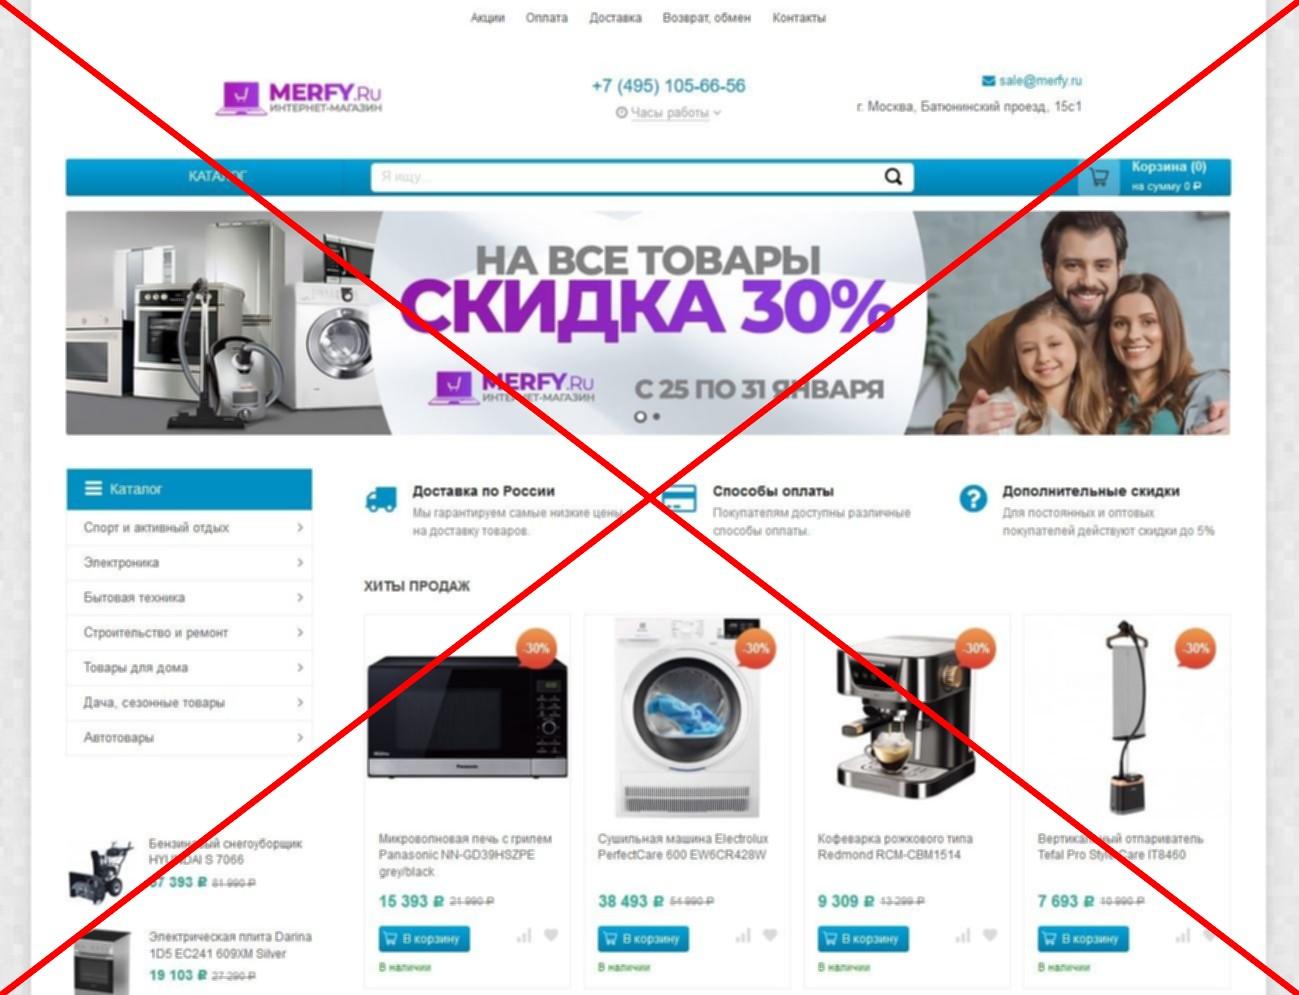 Скрин магазина merfy.ru